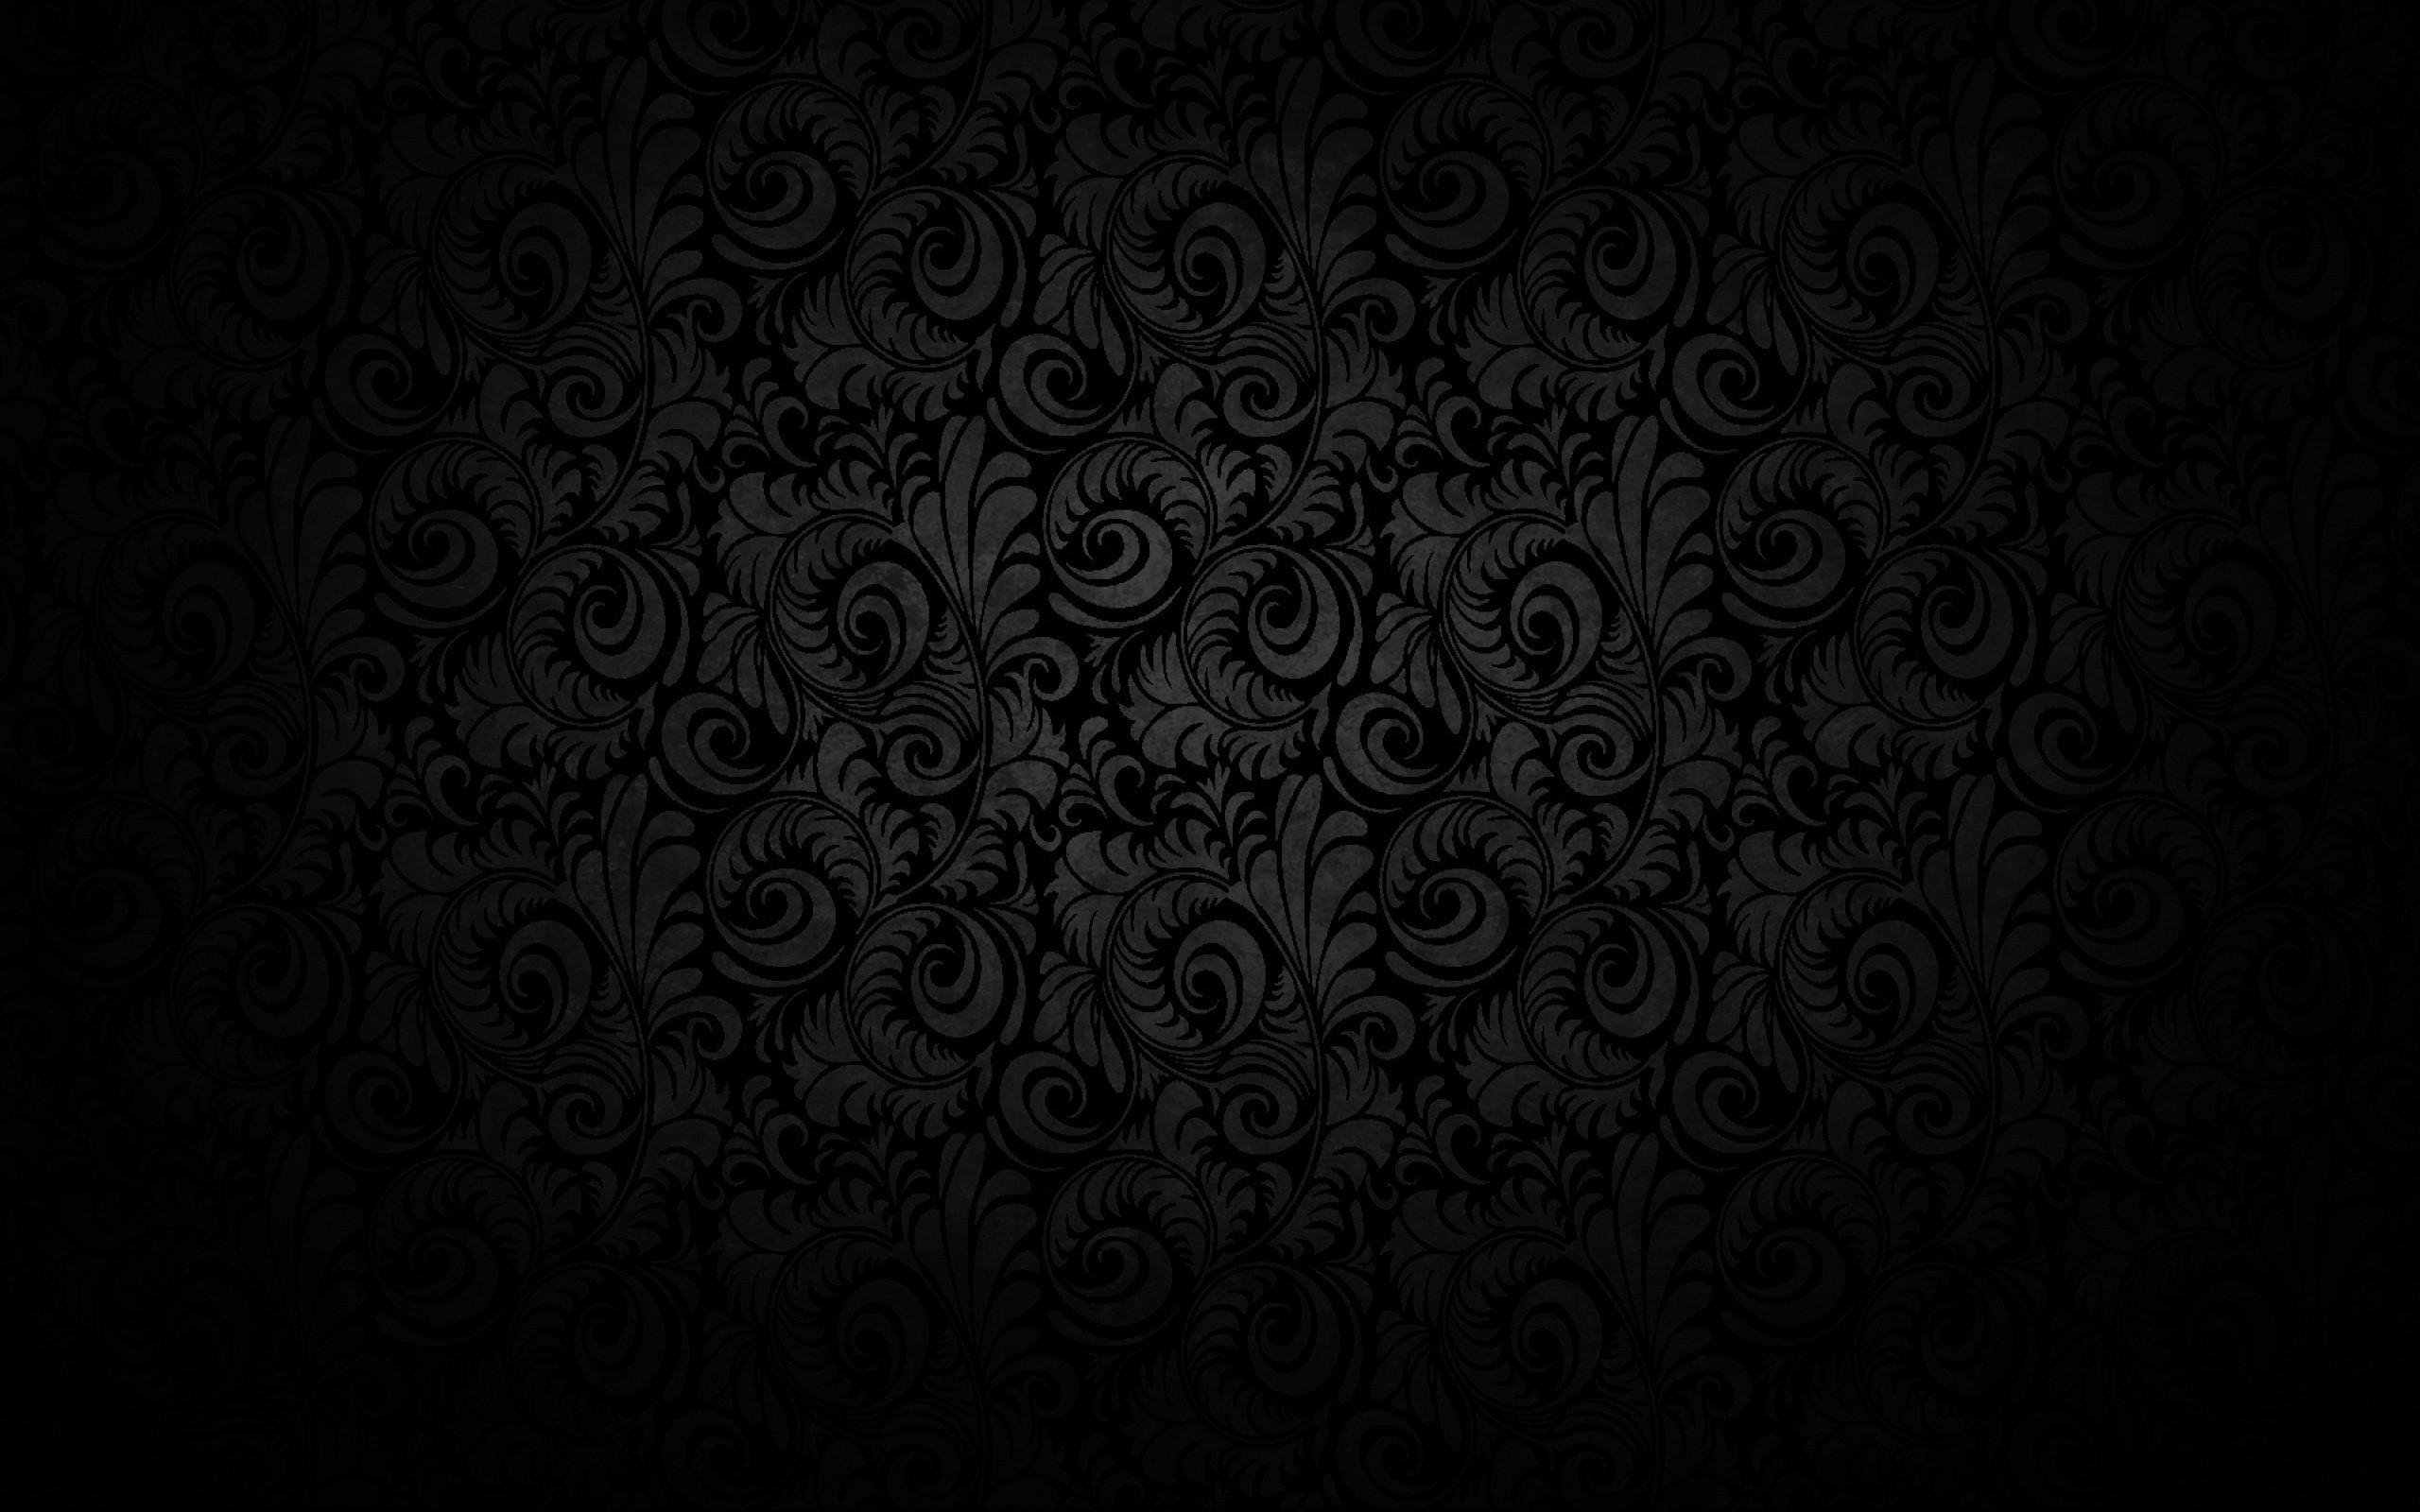 … black wallpaper backgrounds wallpapersafari …